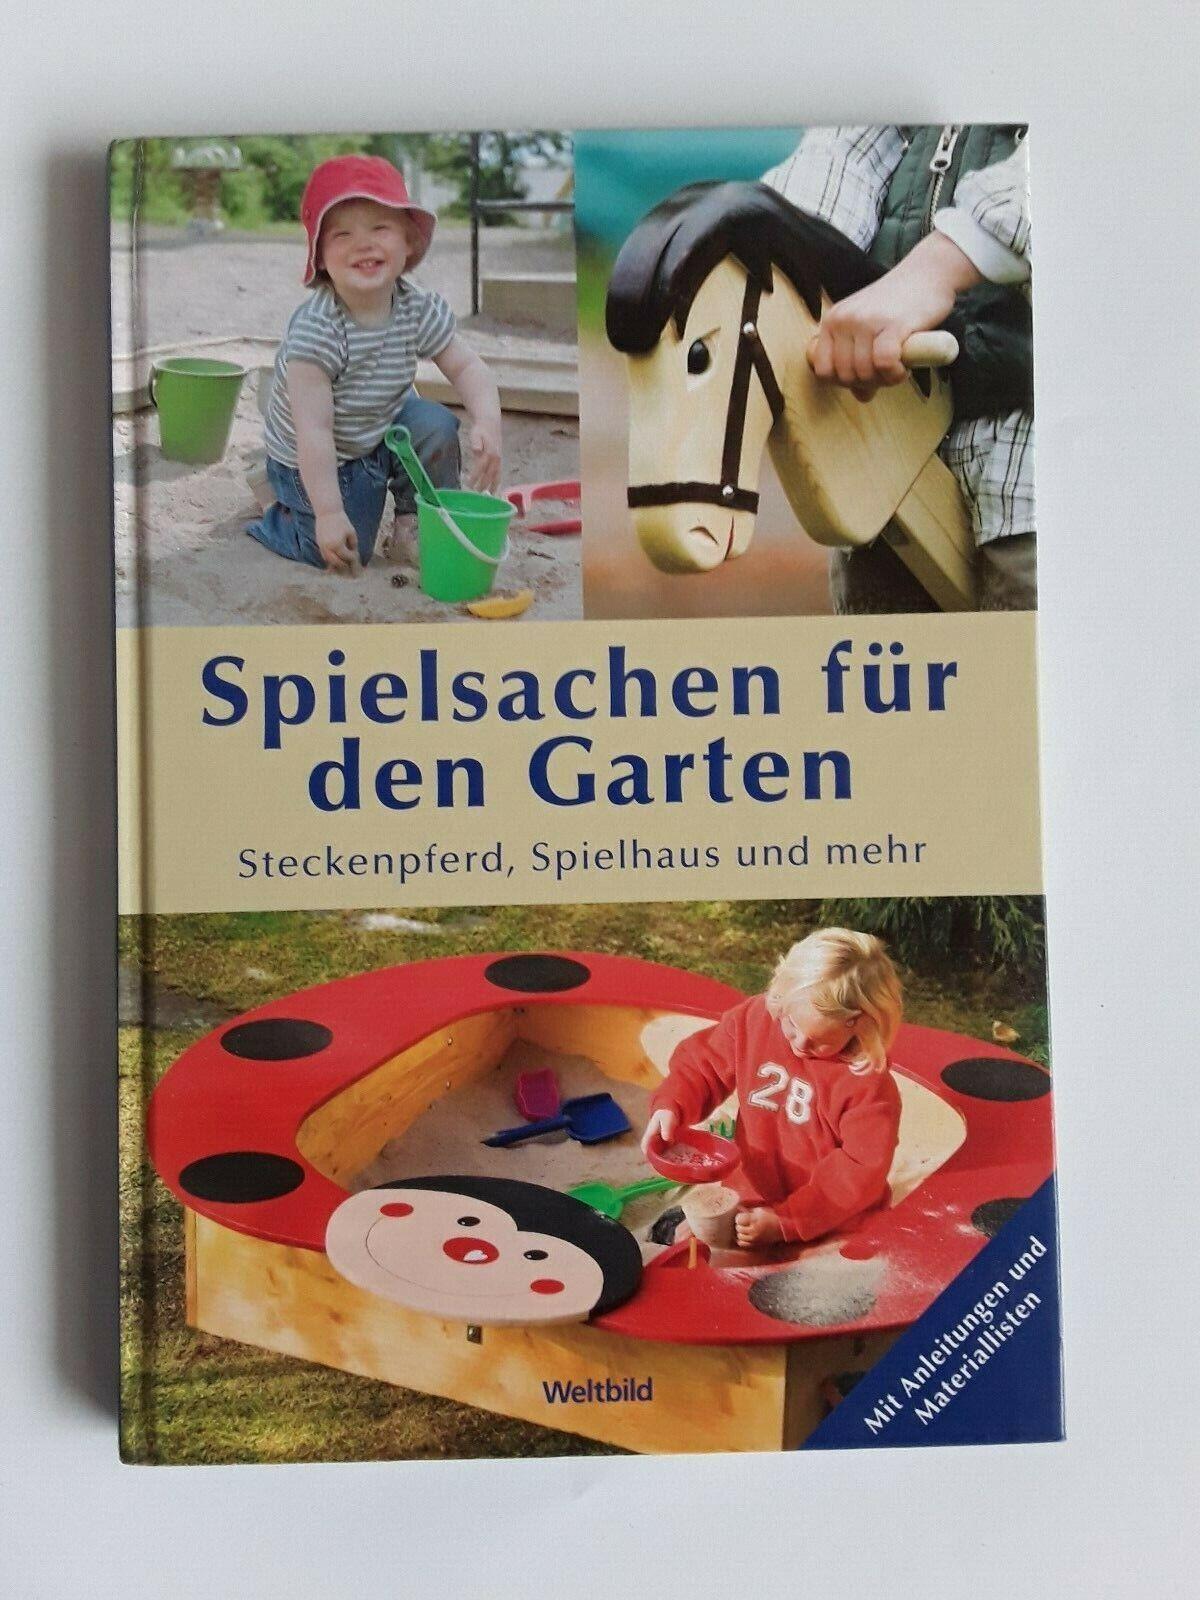 Spielsachen für den Garten - Steckenpferd, Spielhaus und mehr Weltbild 2009